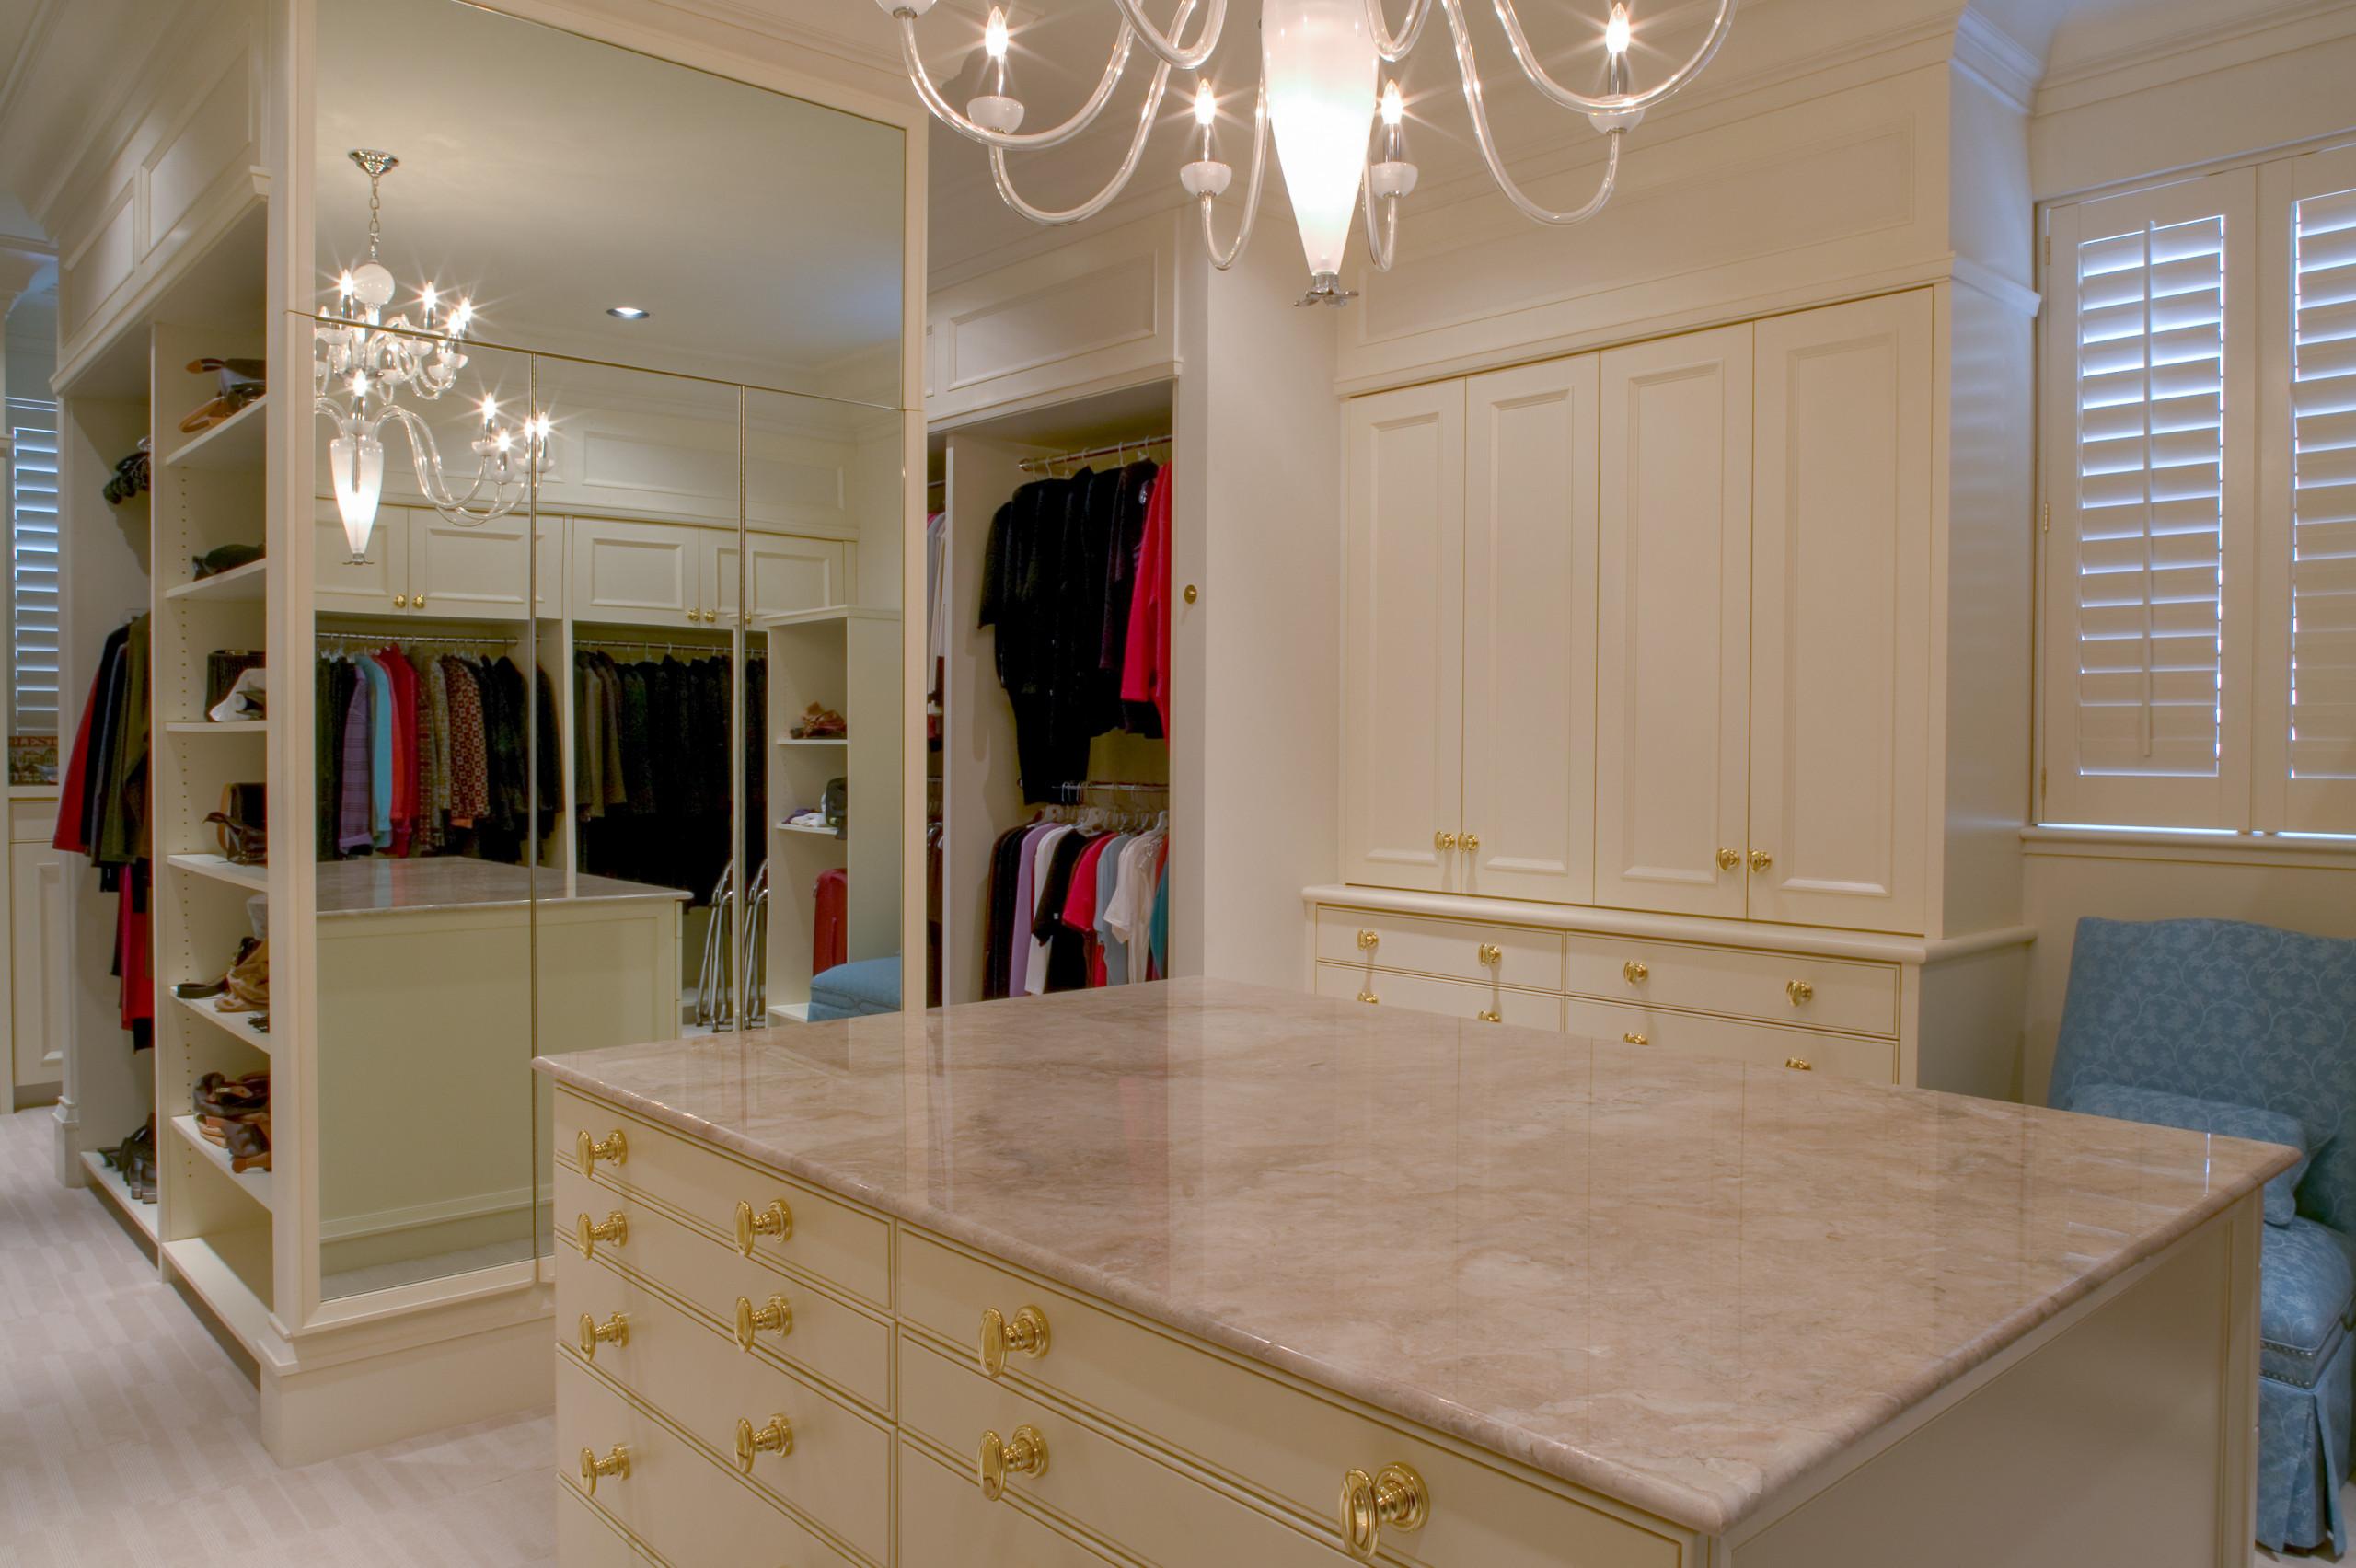 Certified Luxury Builders - J Paul Builders - Baltimore, MD - Custom Home